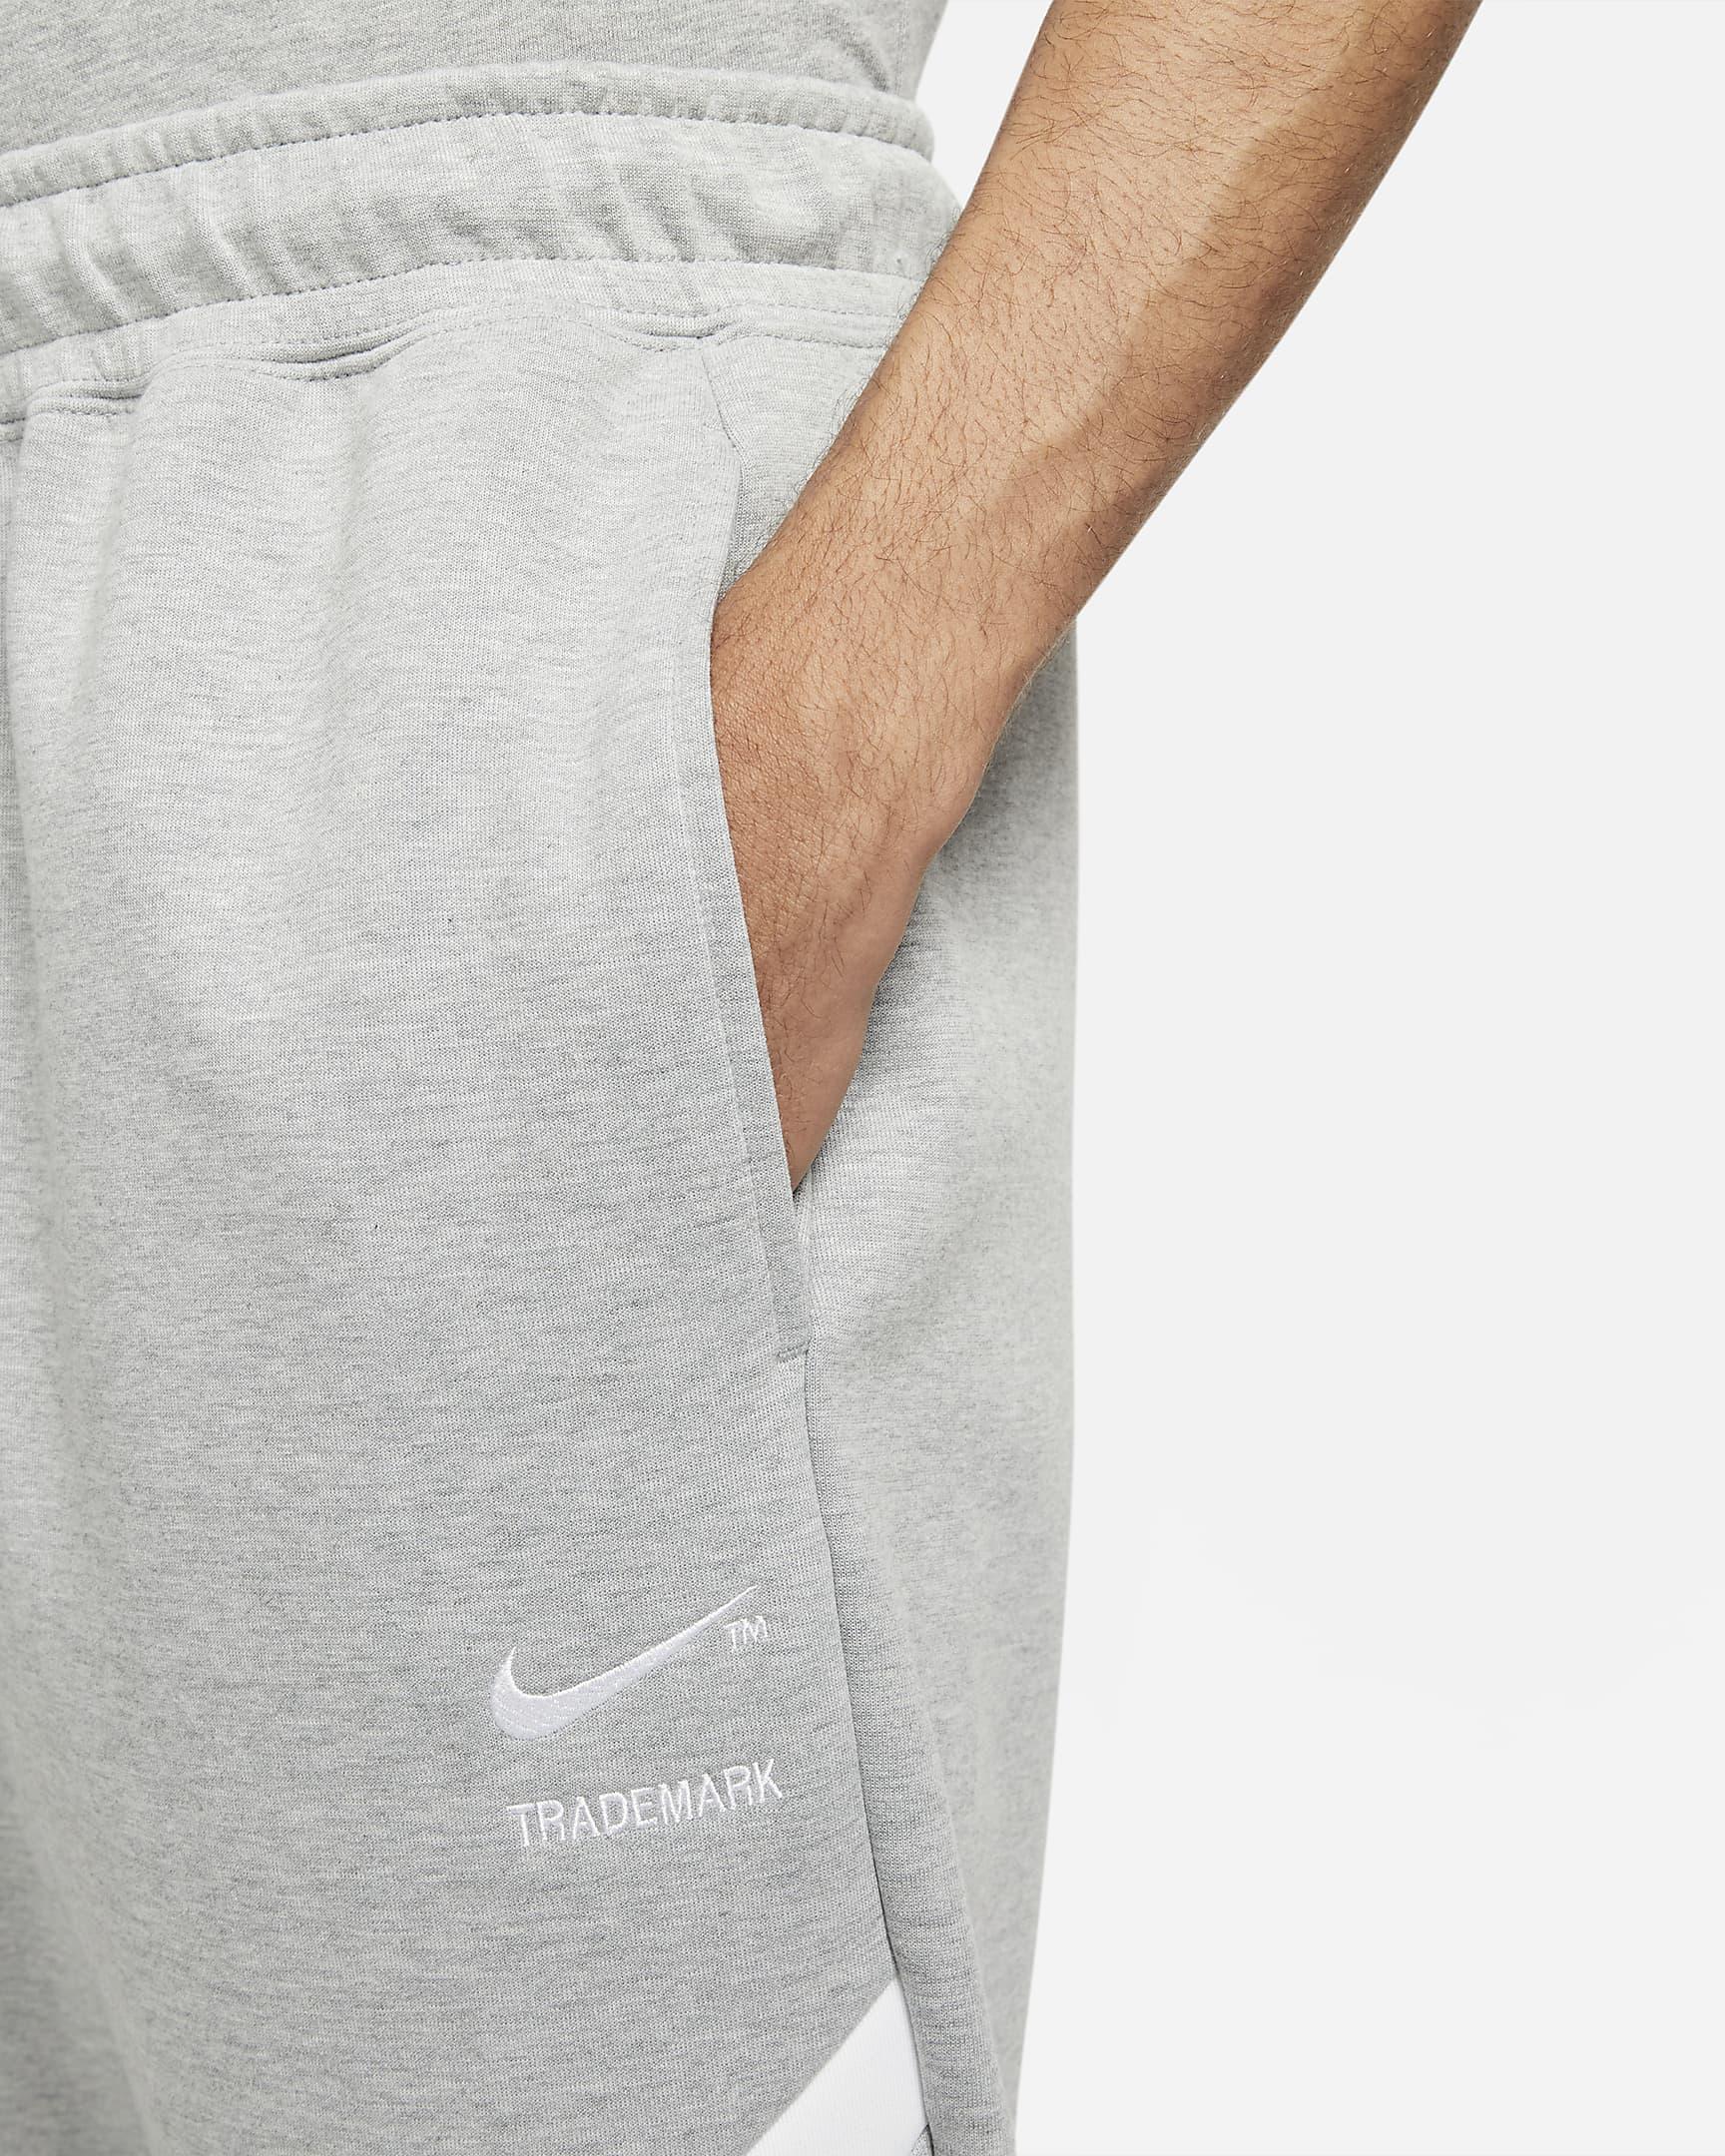 nike-sportswear-swoosh-tech-fleece-mens-pants-4BpCFp-1.png